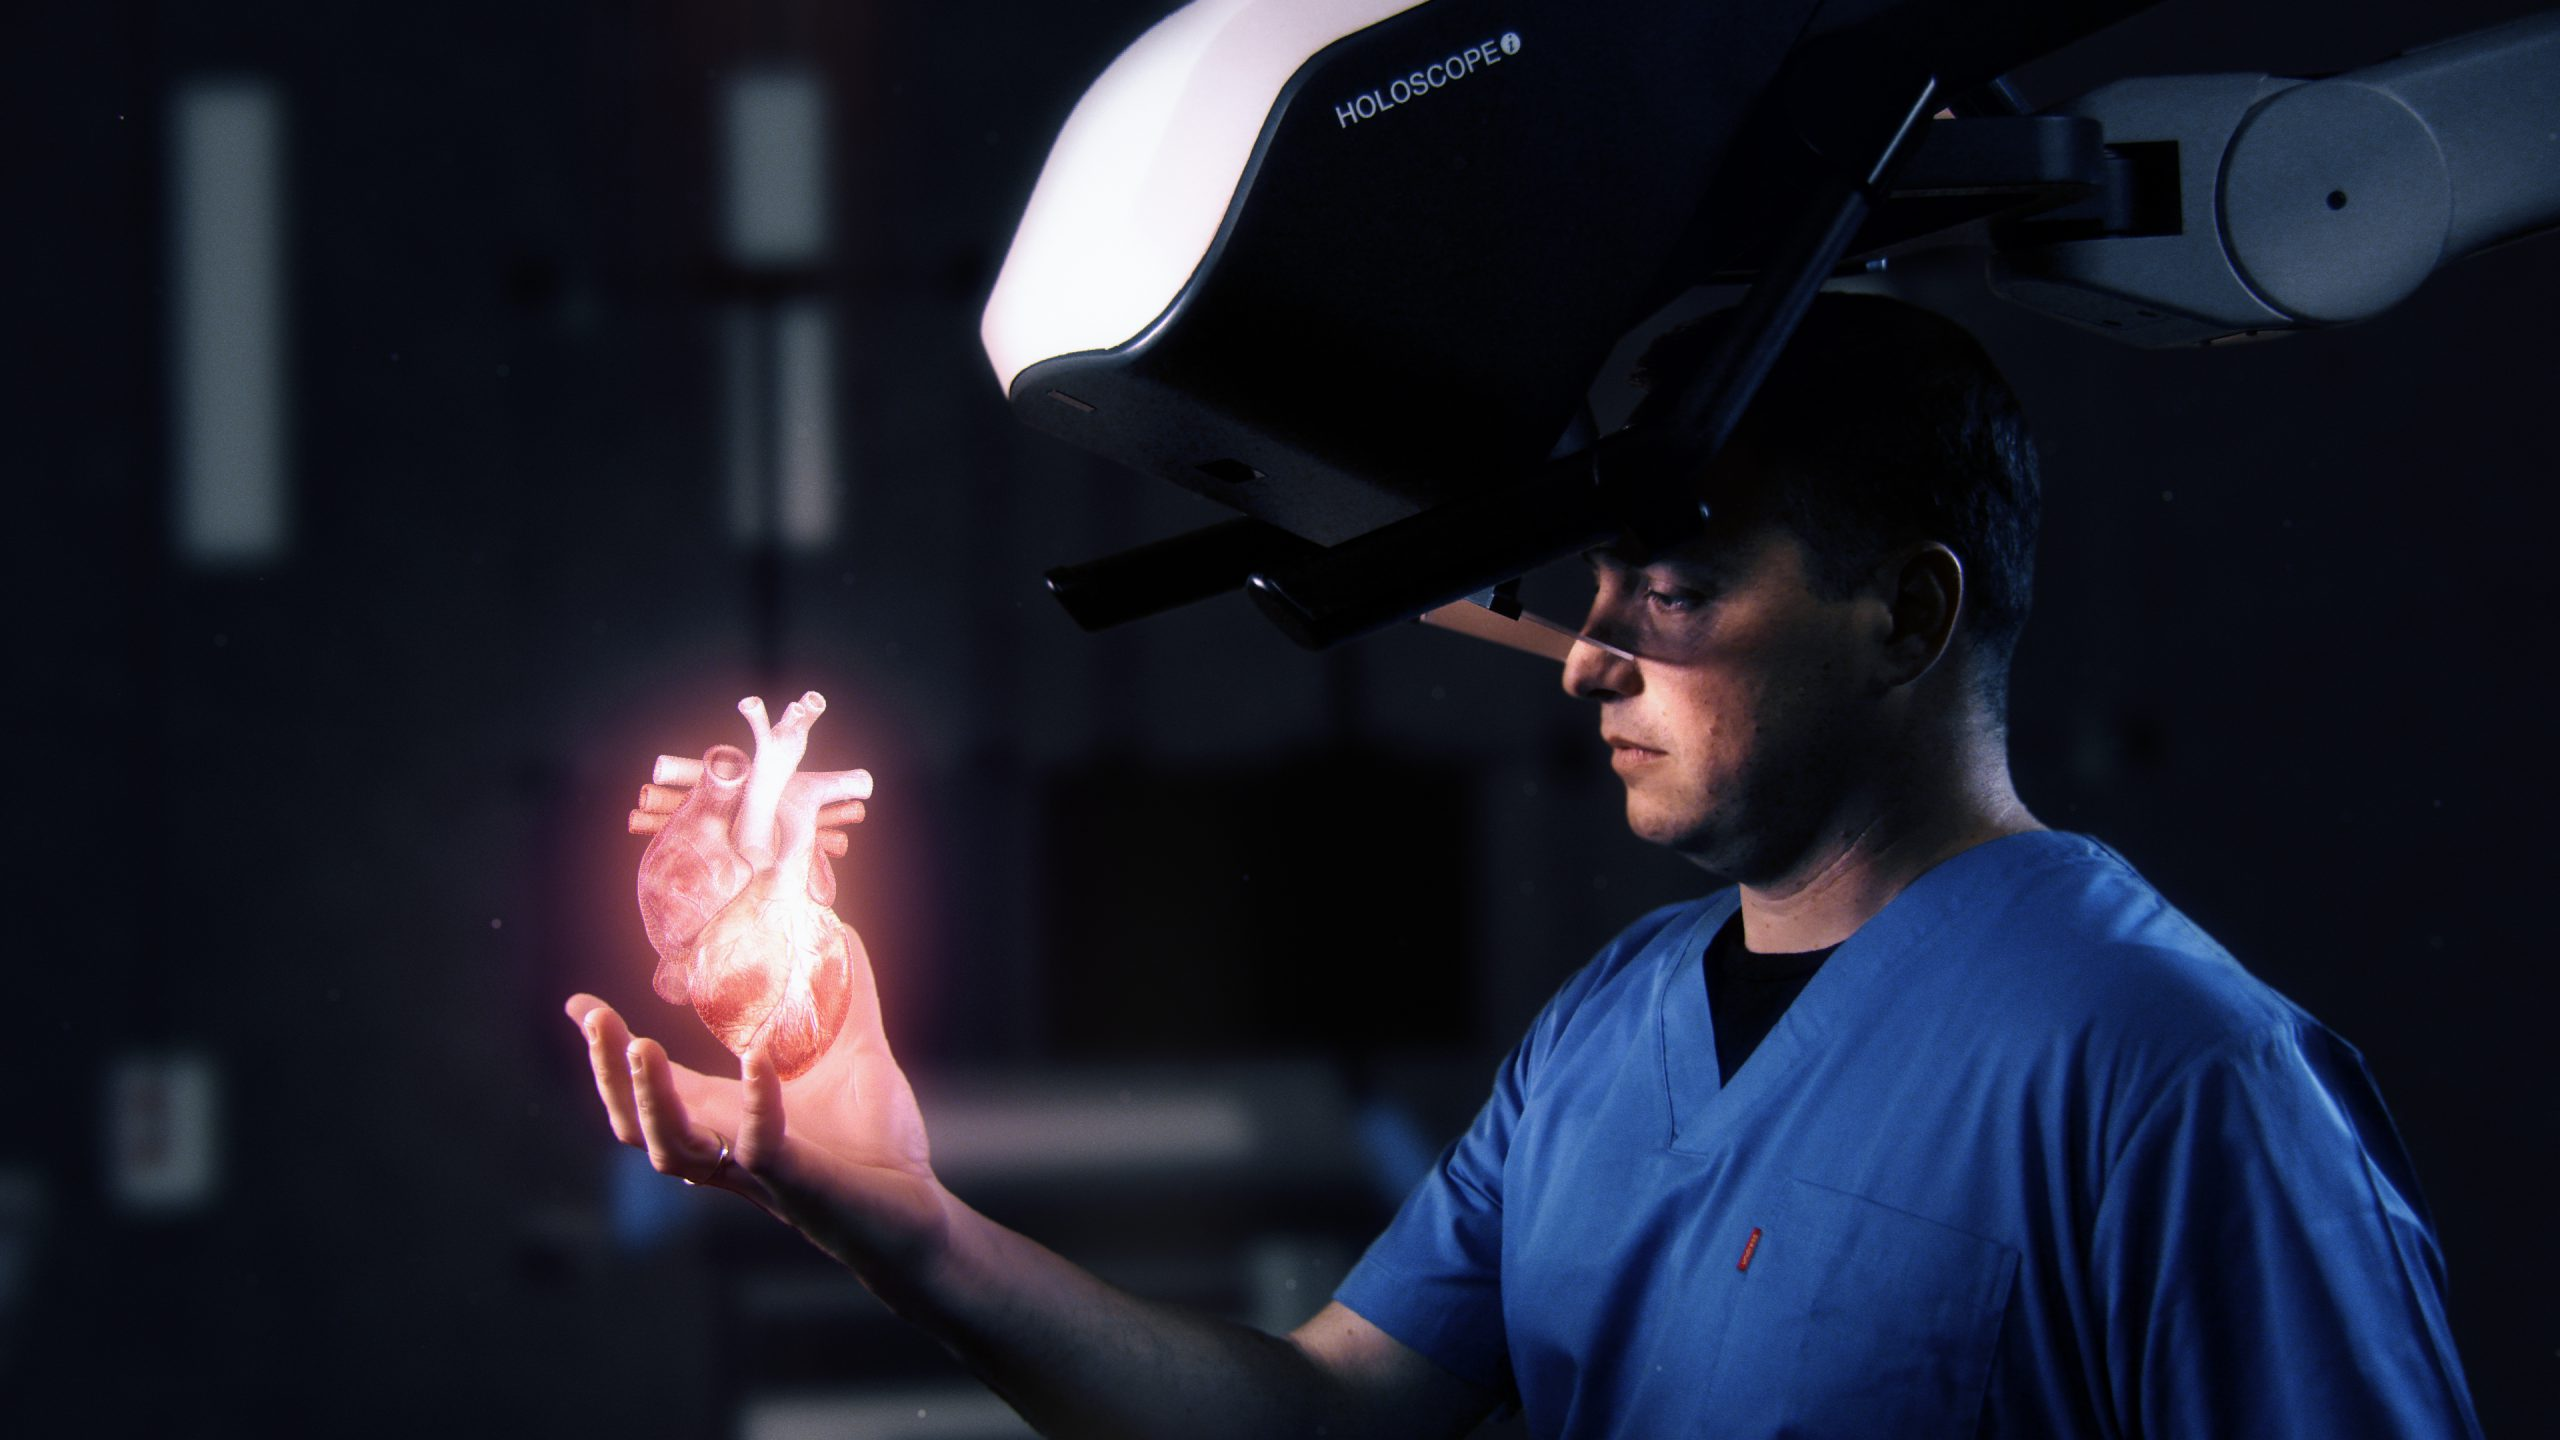 כותרת לתמונה: מערכת ה HOLOSCOPE-i של חברת ריל-ויו אימג'ינג - הקרנת הולוגרמות רפואיות אינטרקטיביות בחלל האויר הפתוח מעל החולה בזמן ההליך הרפואי. צילום יחצ